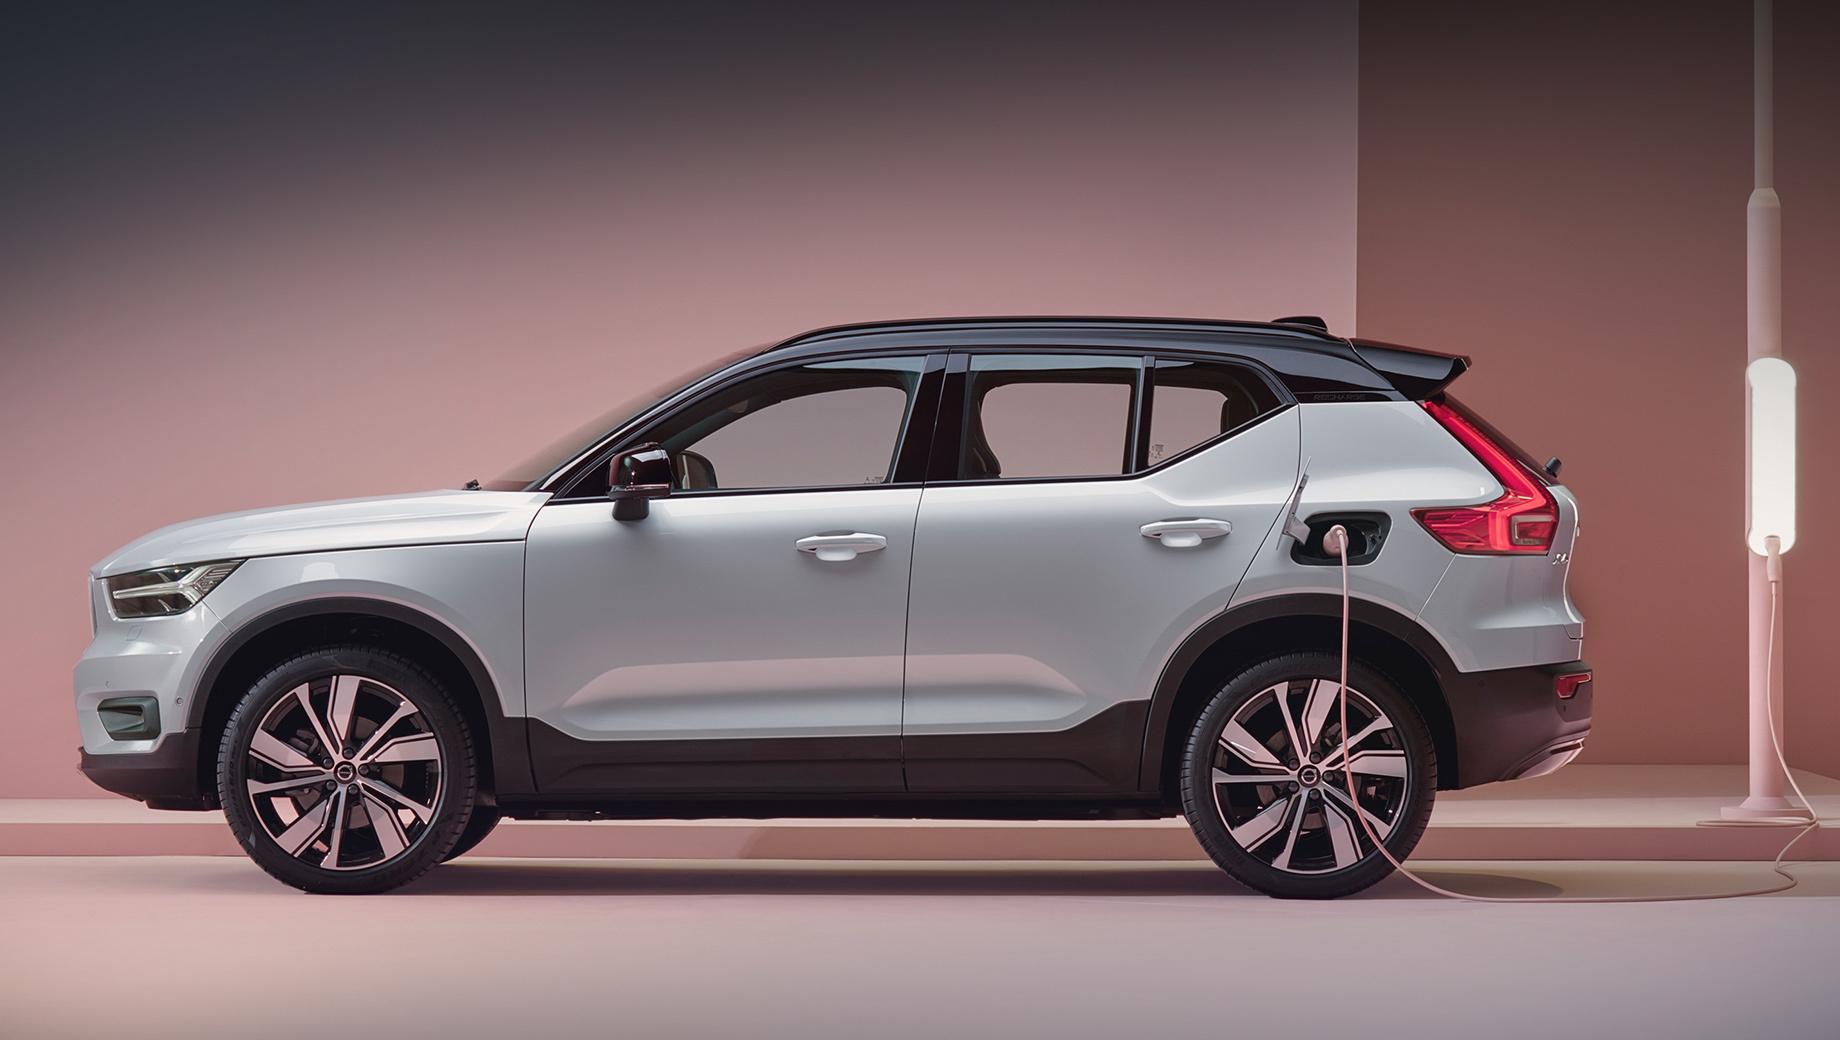 Volvo xc40. Заказы на электрокар Volvo XC40 Recharge Pure Electric P8 британские дилеры уже принимают, а первые клиентские машины доберутся до владельцев в начале 2021 года. В континентальной же Европе заказы начнут оформлять ближайшей осенью.